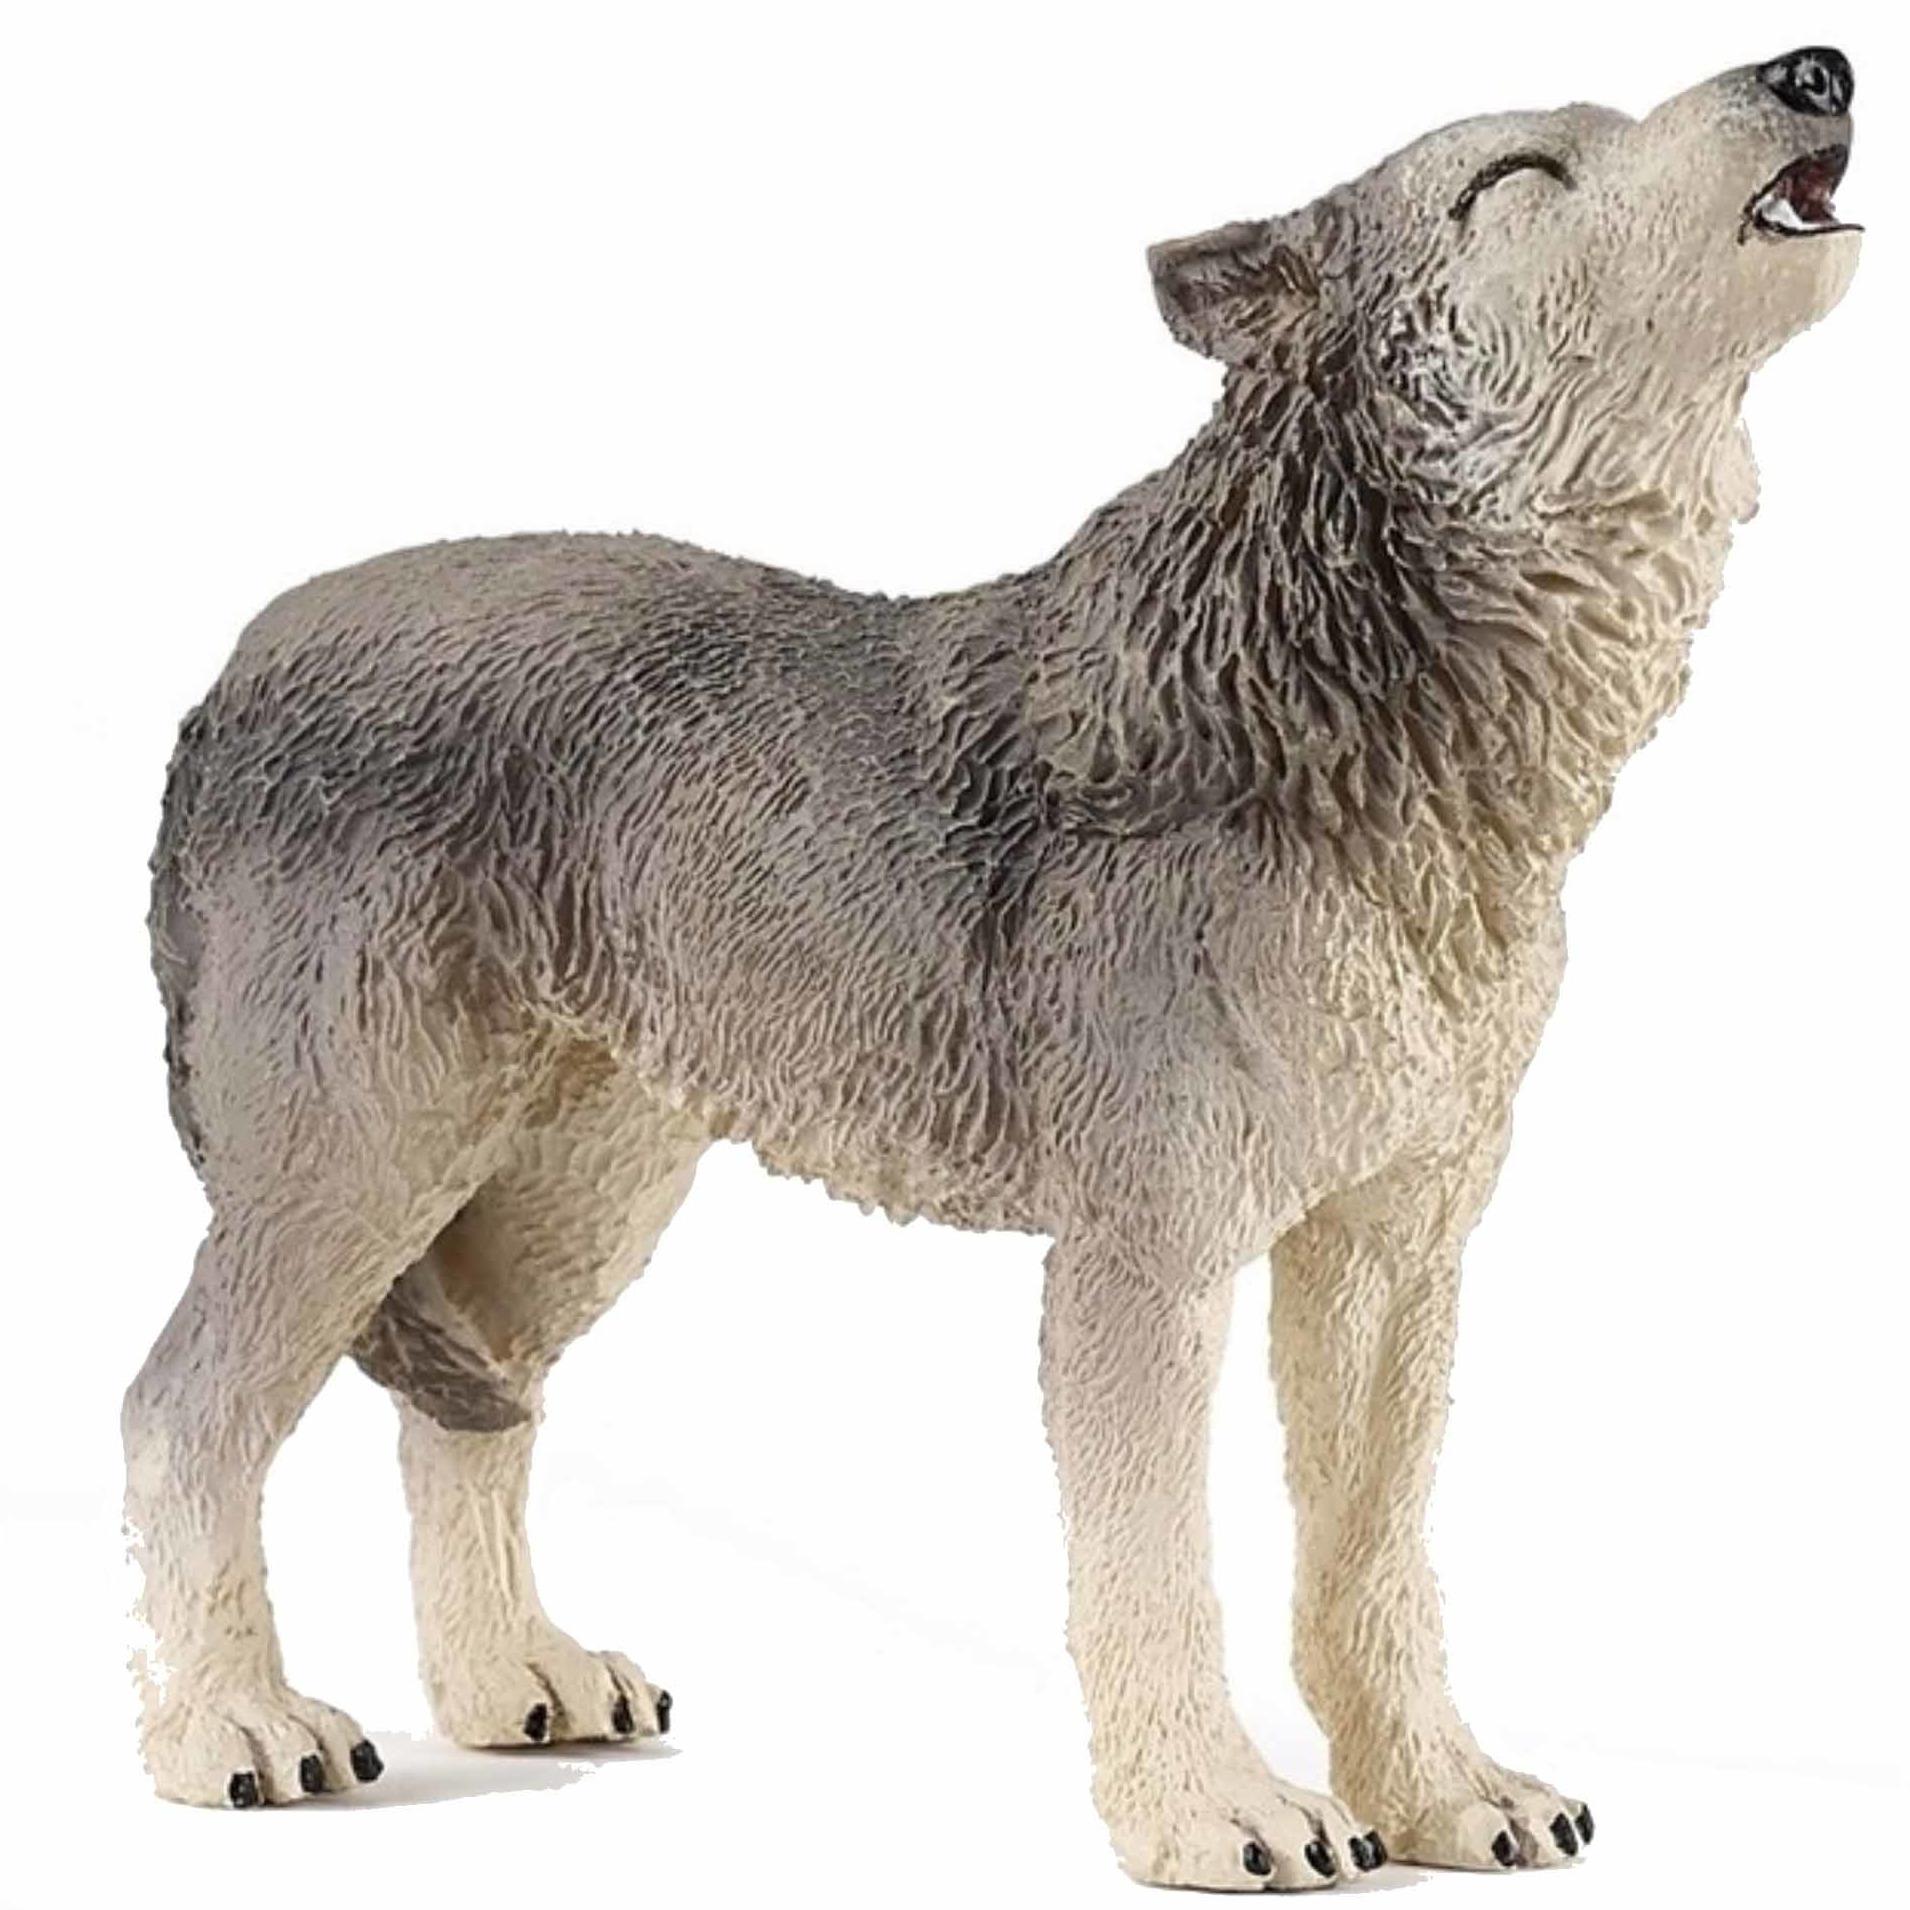 Speelfiguren sets Papo Plastic huilende wolf 9 cm